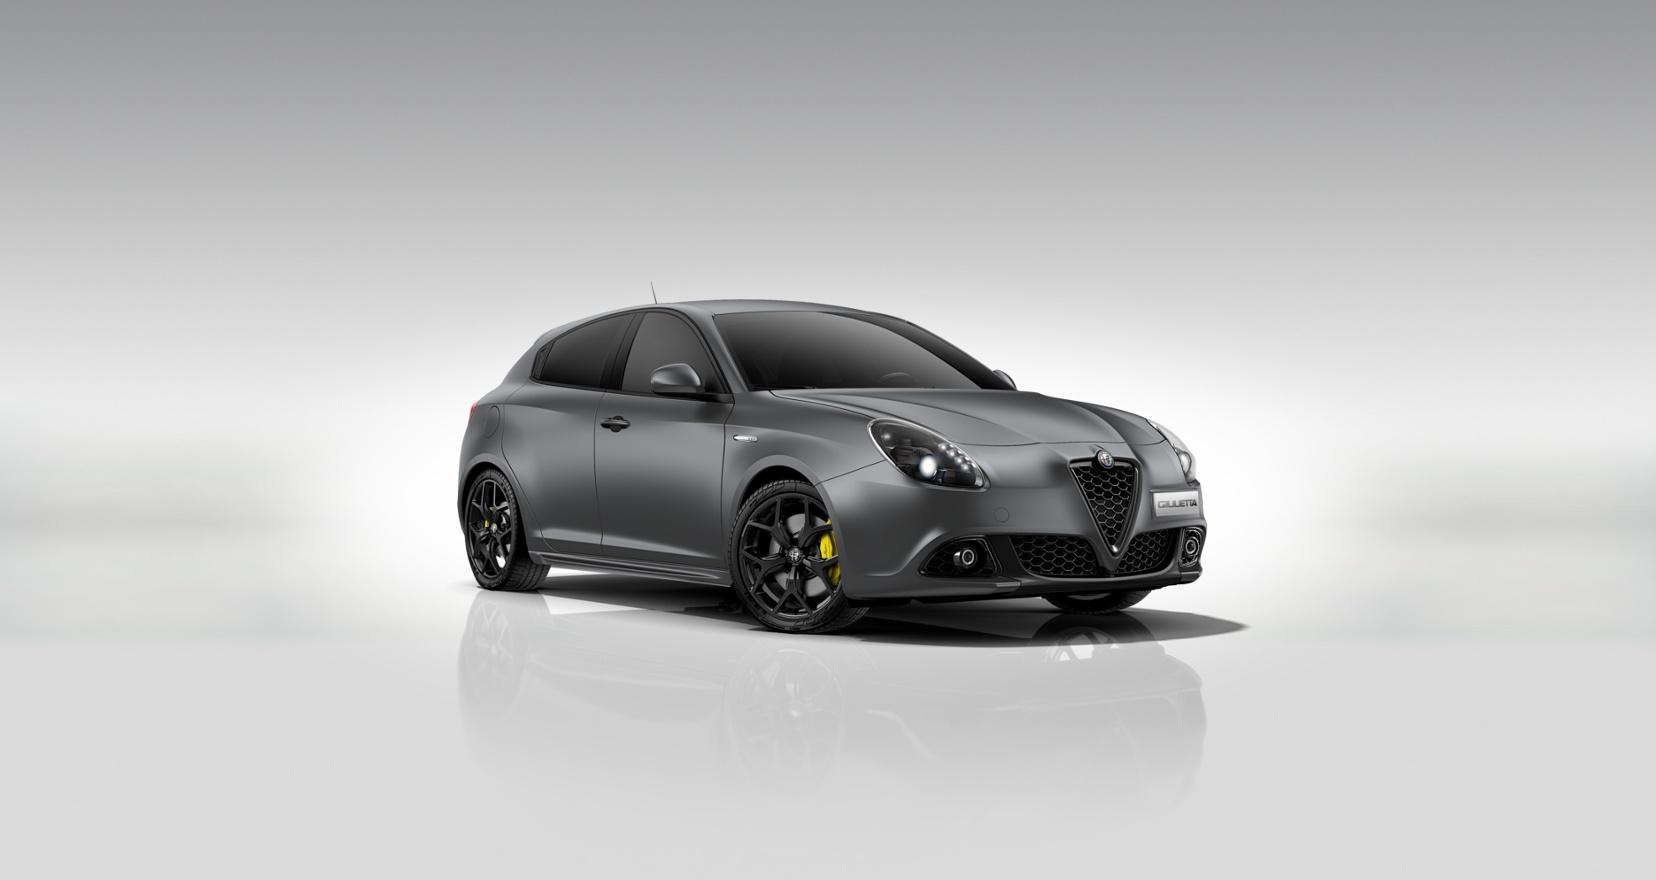 Alfa Romeo Giulietta Sprint Matgrijs - Schuin vooraanzicht